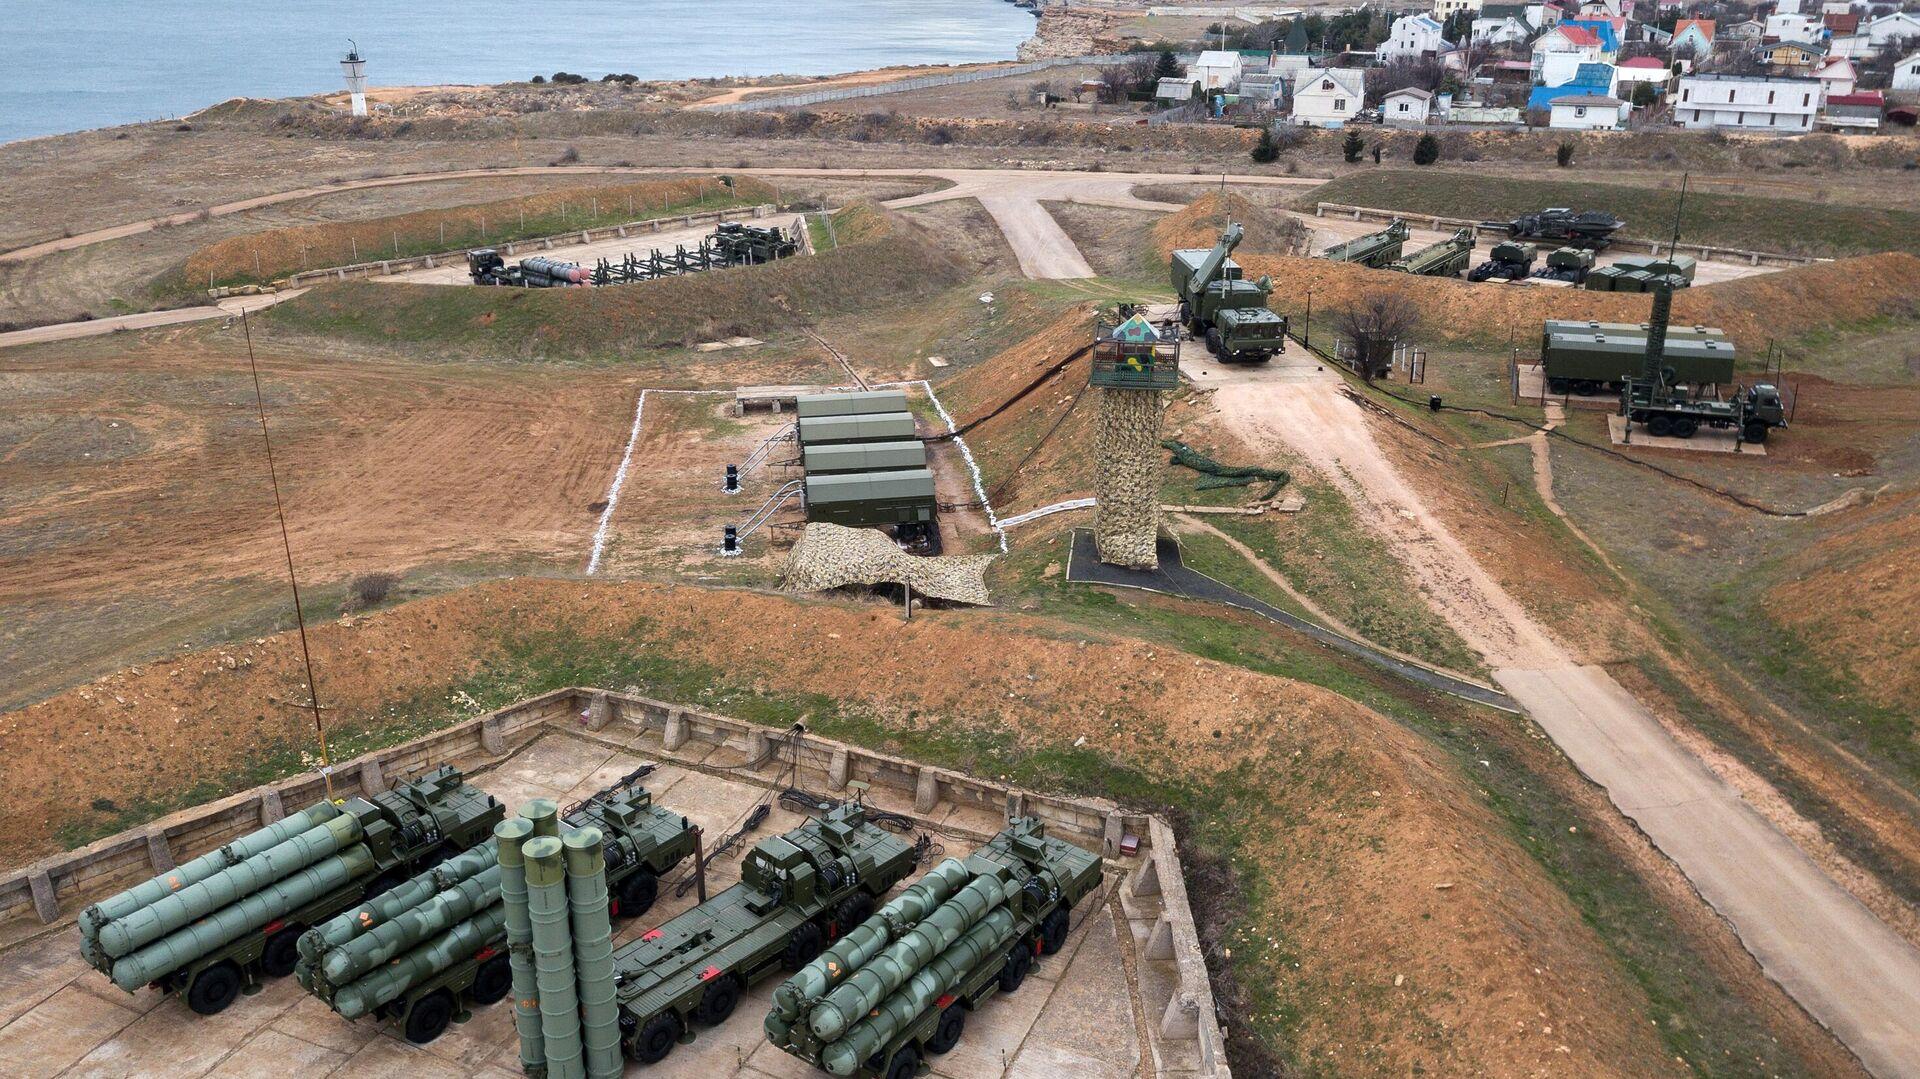 Комплекс ПВО С-400 Триумф заступил на боевое дежурство в Севастополе - РИА Новости, 1920, 29.08.2021